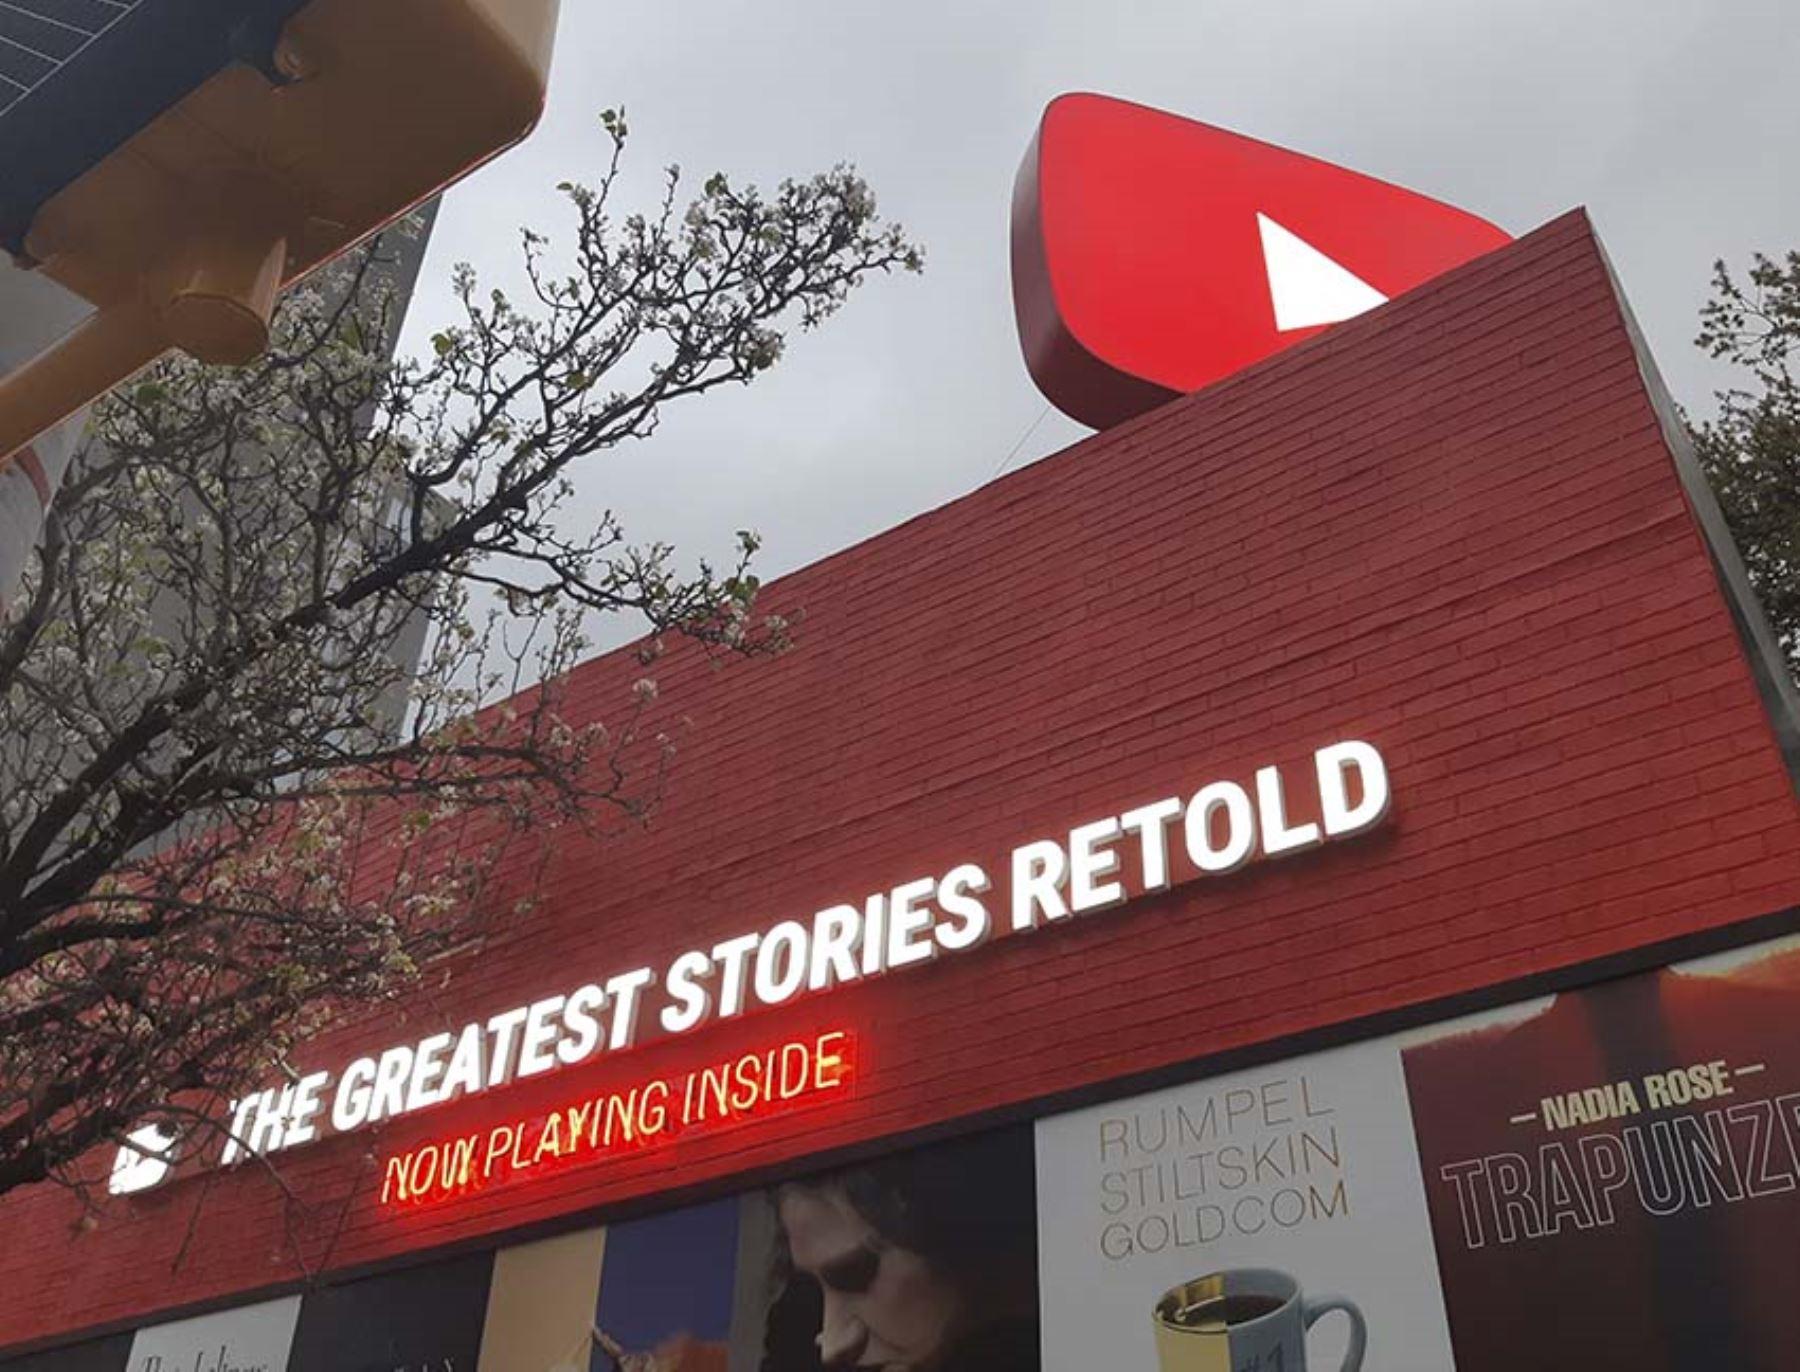 YouTube Story HQ es un espacio que promueve la creatividad de los creadores de video en la plataforma de Google. Esta exposición fue programada del 10 al 14 de marzo en marco de festival de cine y tecnología SXSW, en Austin, Texas. Foto: ANDINA